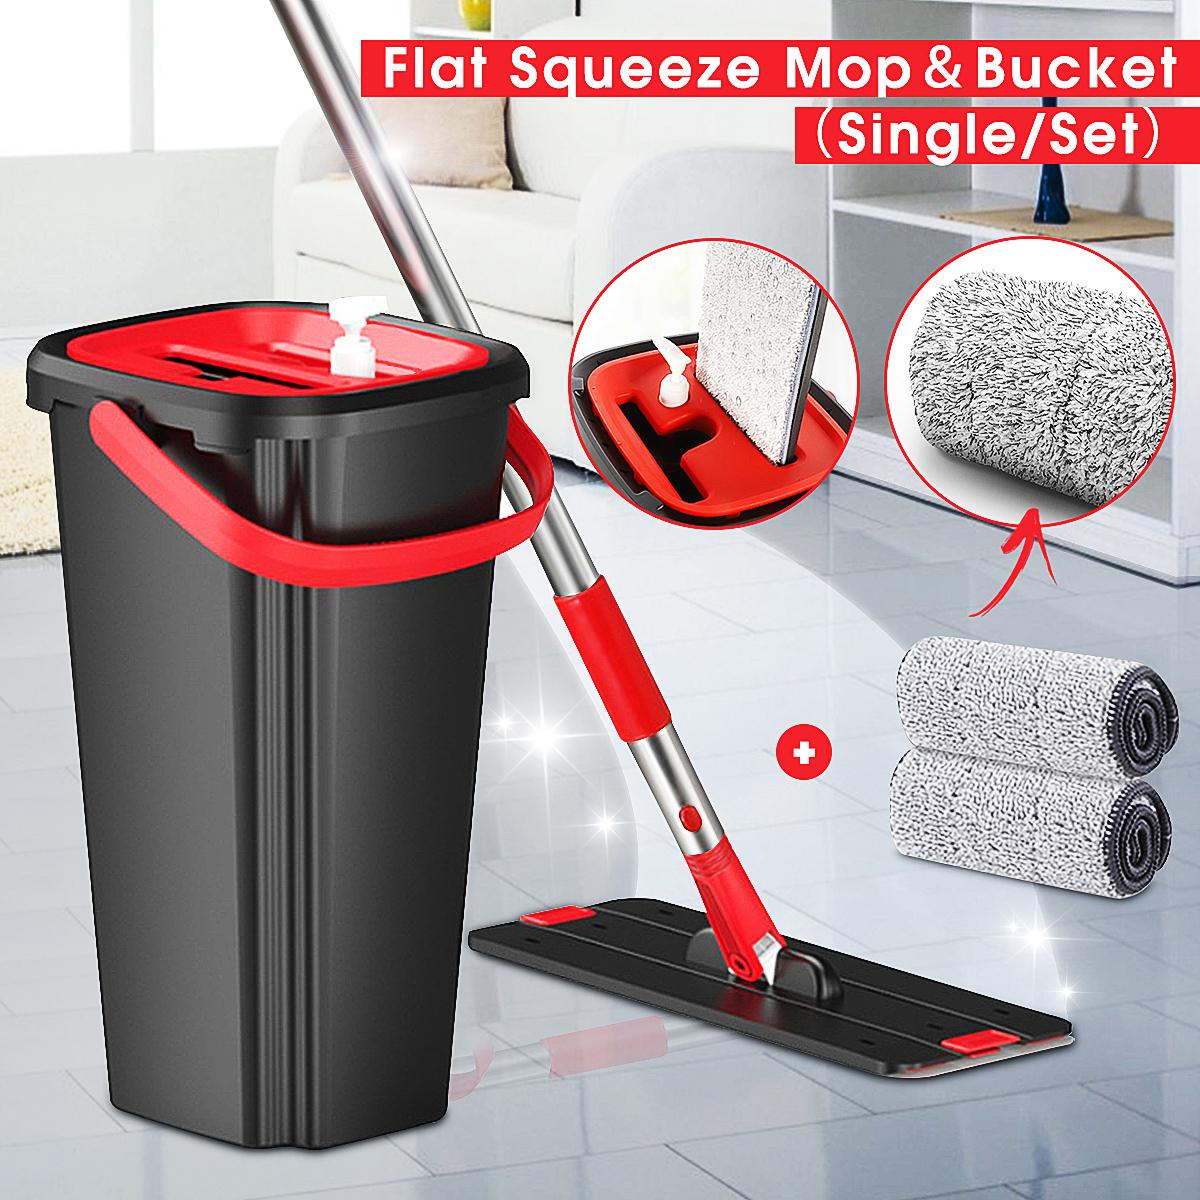 Power Mop PROFI mit Eimer Wischsystem Wischmop Pedal Bodenwischer Wisch Set Mopp